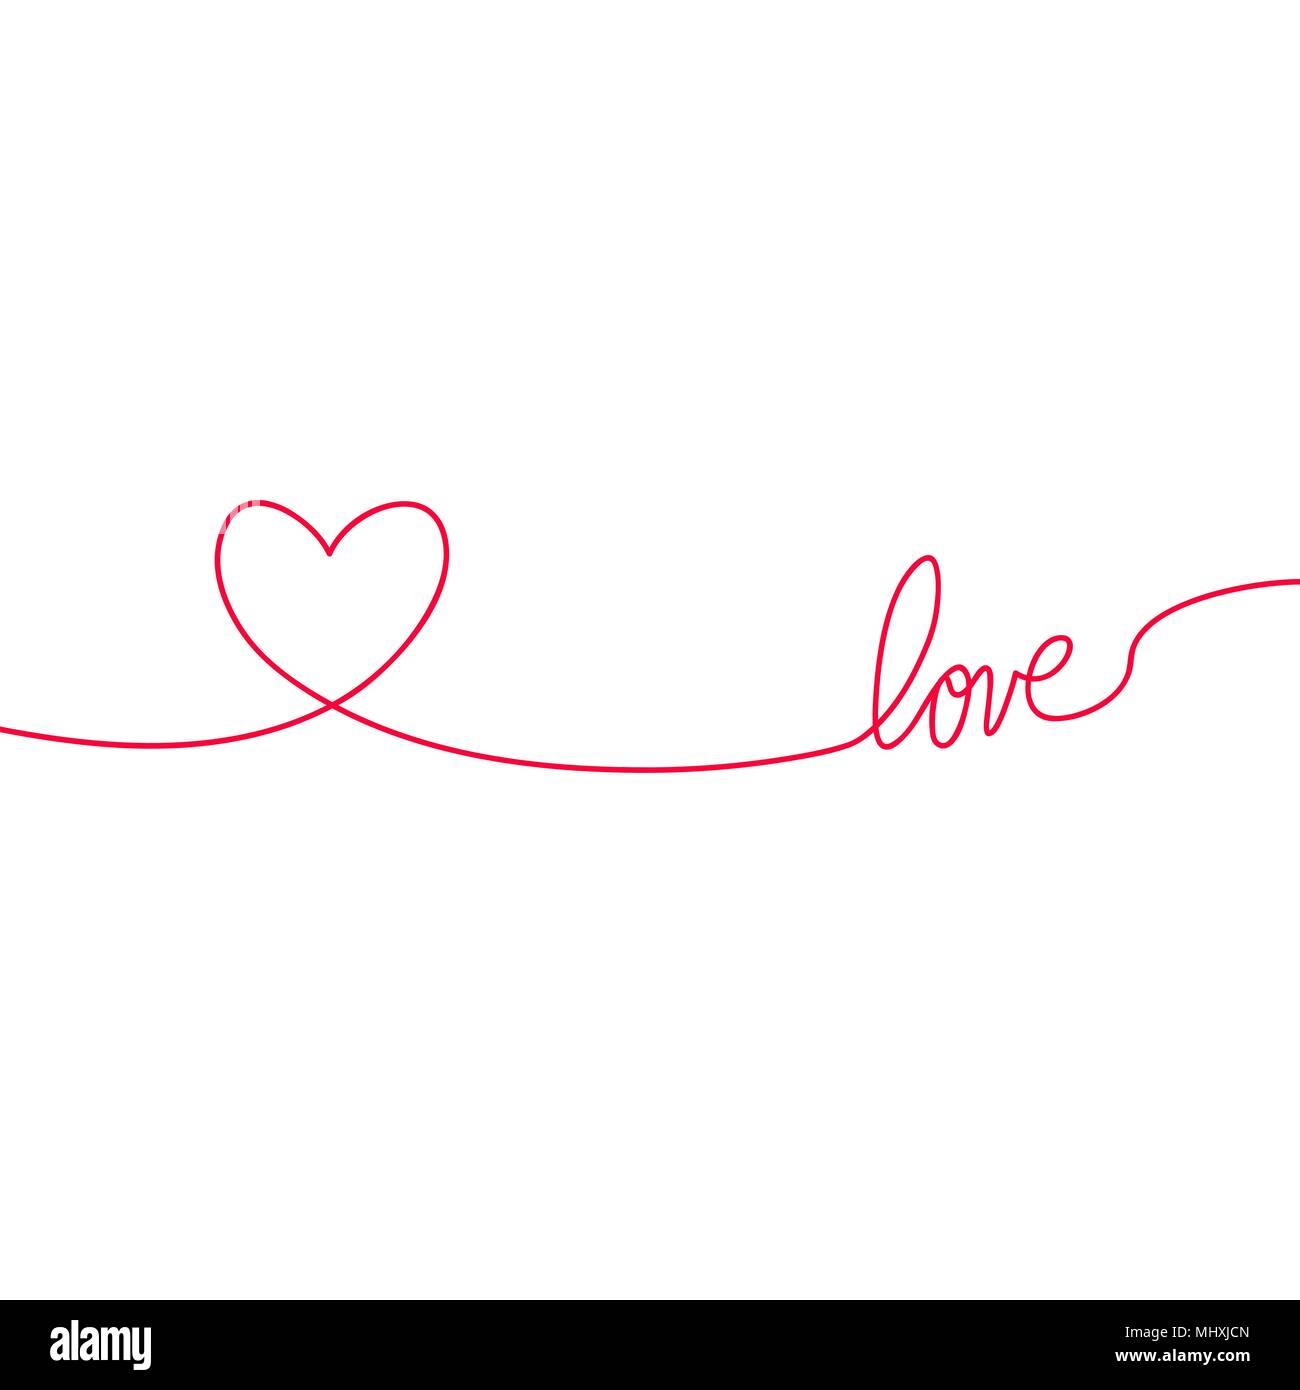 Herz Und Liebe Im Kontinuierlichen Zeichnen Von Linien In Einem